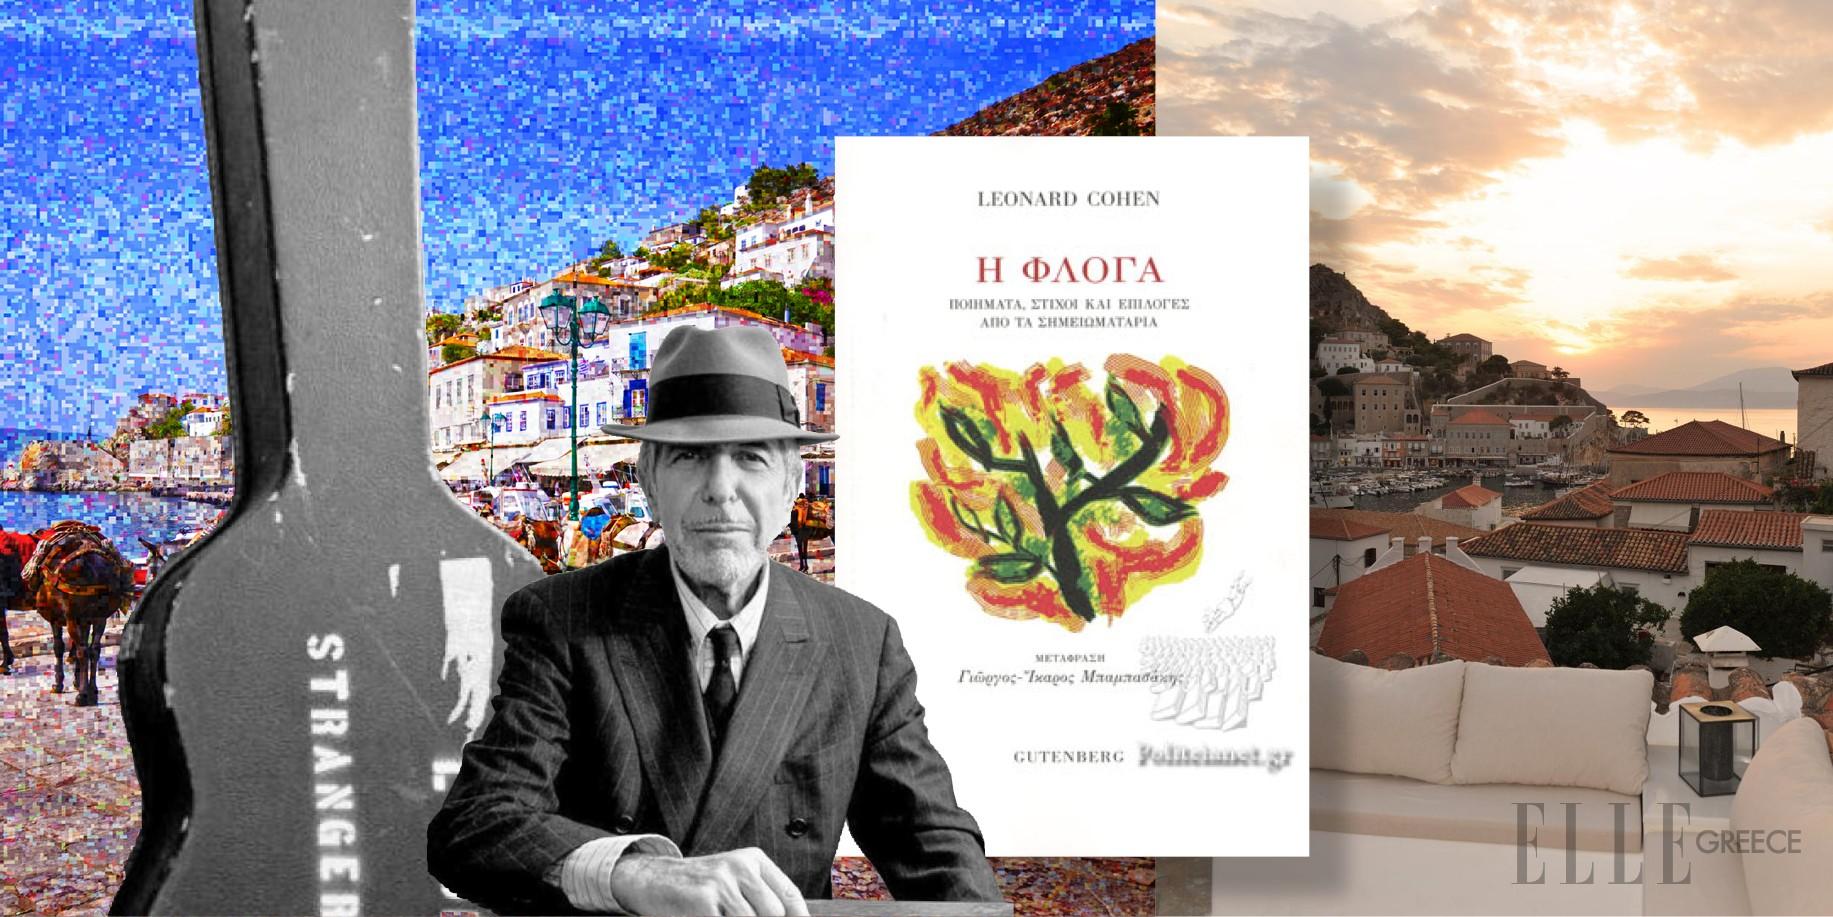 8+1 λόγοι για να πάτε στην Ύδρα το Σεπτέμβρη Η έκδοση του βιβλίου «Η Φλόγα: Ποιήματα, στίχοι και επιλογές από τα σημειωματάρια» του Leonard Cohen (εκδόσεις Gutenberg ) μας θύμισε την ομορφιά της Ύδρας που ο Αμερικανός καλλιτέχνης αγαπούσε σαν πατρίδα του. Στο νησί που έχει βουνό το οποίο ονομάζεται Έρως, που μπορείς να βουτάς από τα βράχια και που οι δρόμοι του απλώς καταλήγουν στο ηλιοβασίλεμα δεν αντιστέκεται κανείς. Και υπάρχουν άπειροι λόγοι για να το επισκεφτείτε. Ακολουθούν μερικοί.